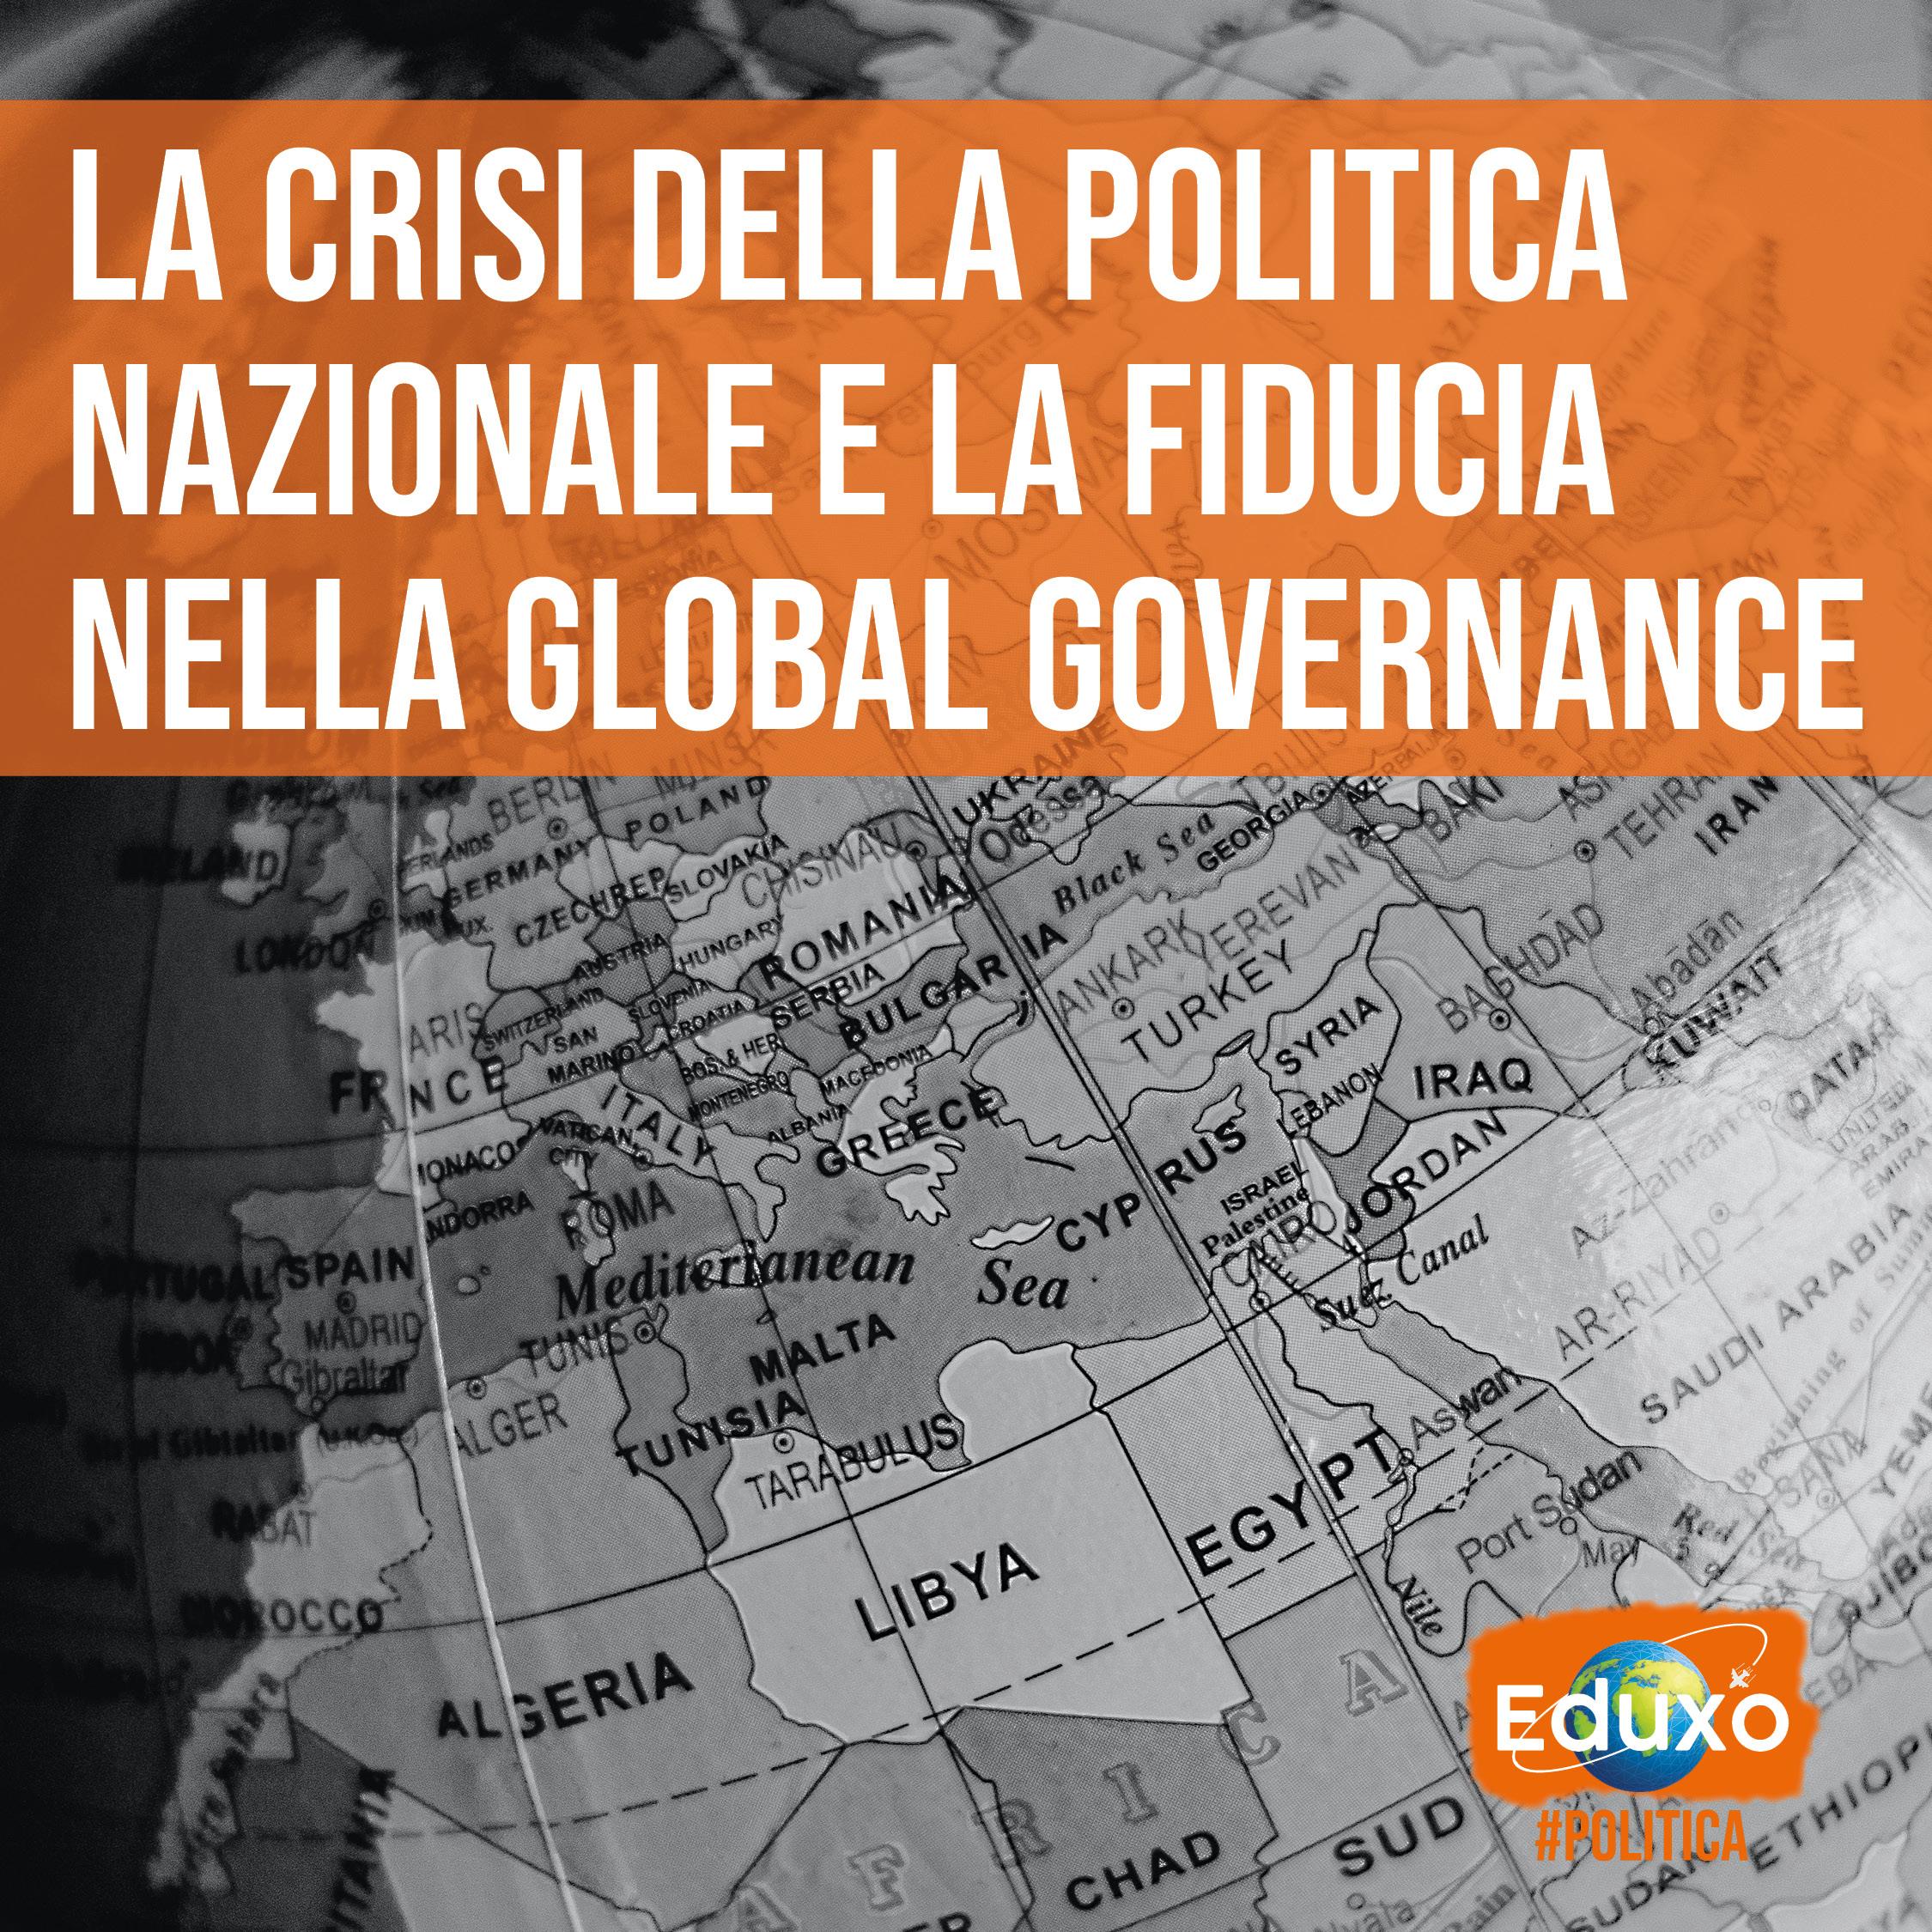 You are currently viewing La crisi della politica nazionale e la fiducia nella global governance